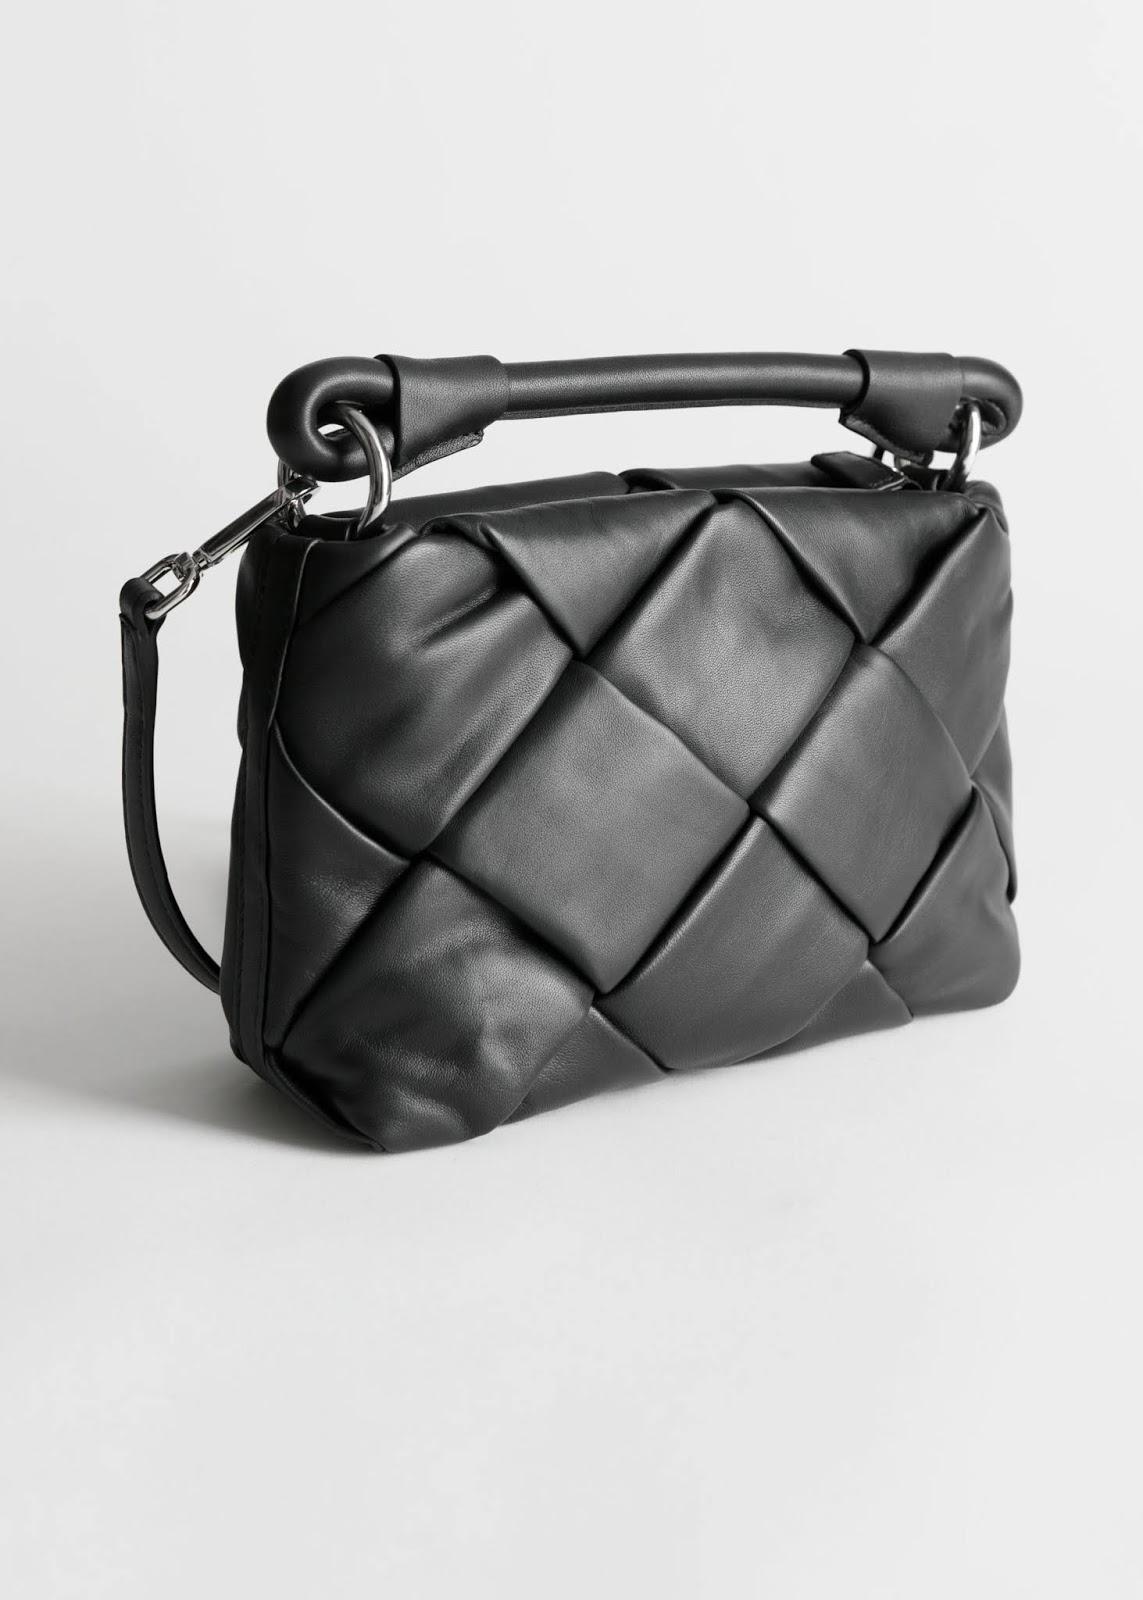 This Bottega Veneta-Inspired Bag Is Under $200